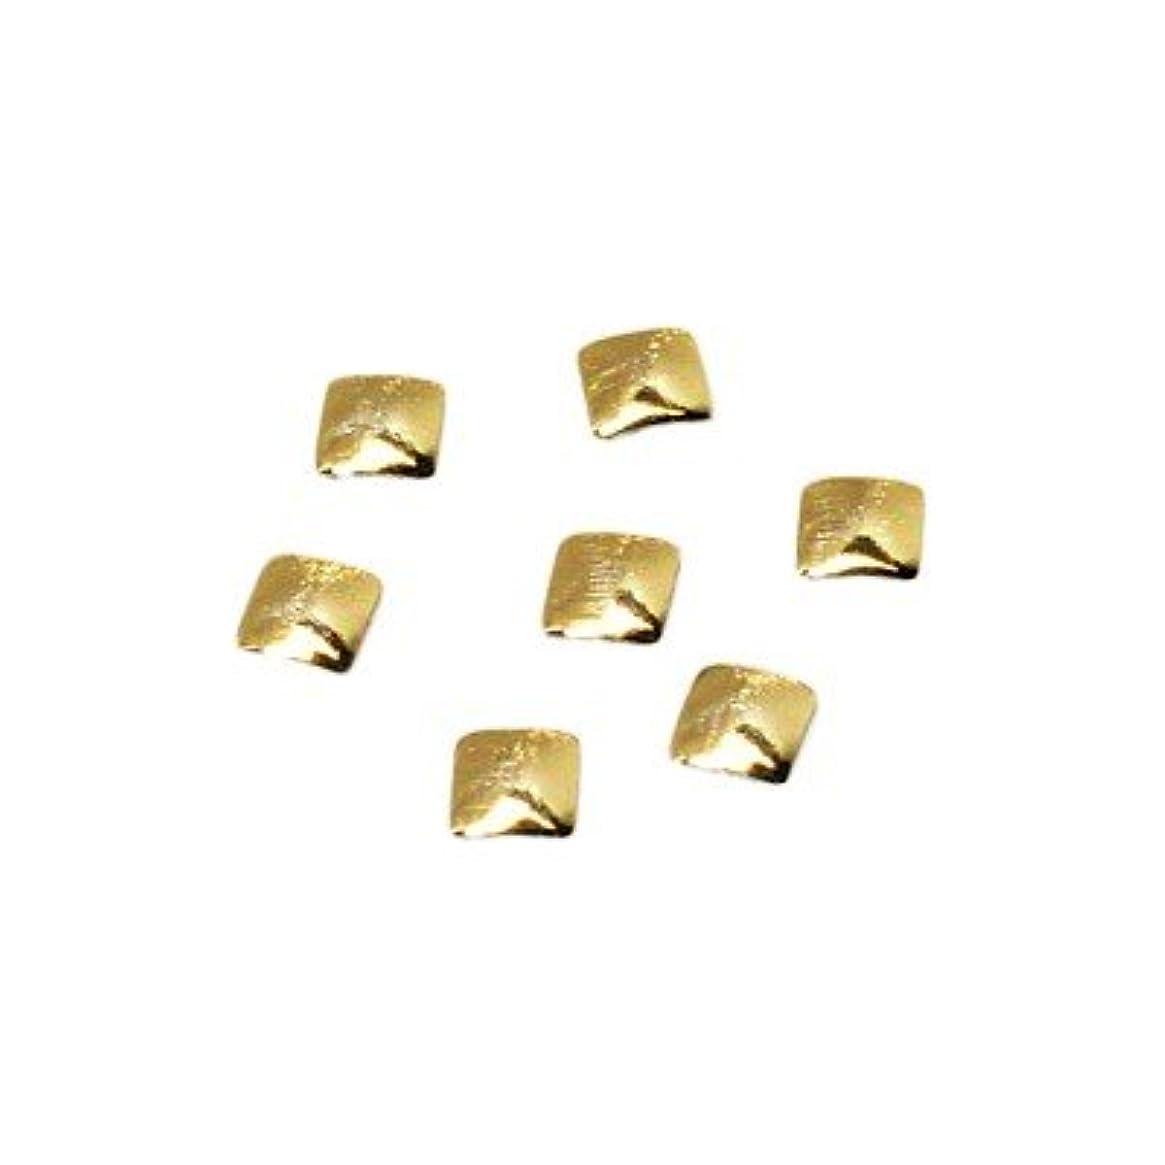 バタフライ遵守するソーセージクレア スクエアスタッズ SS GOL ゴールド 0.36g